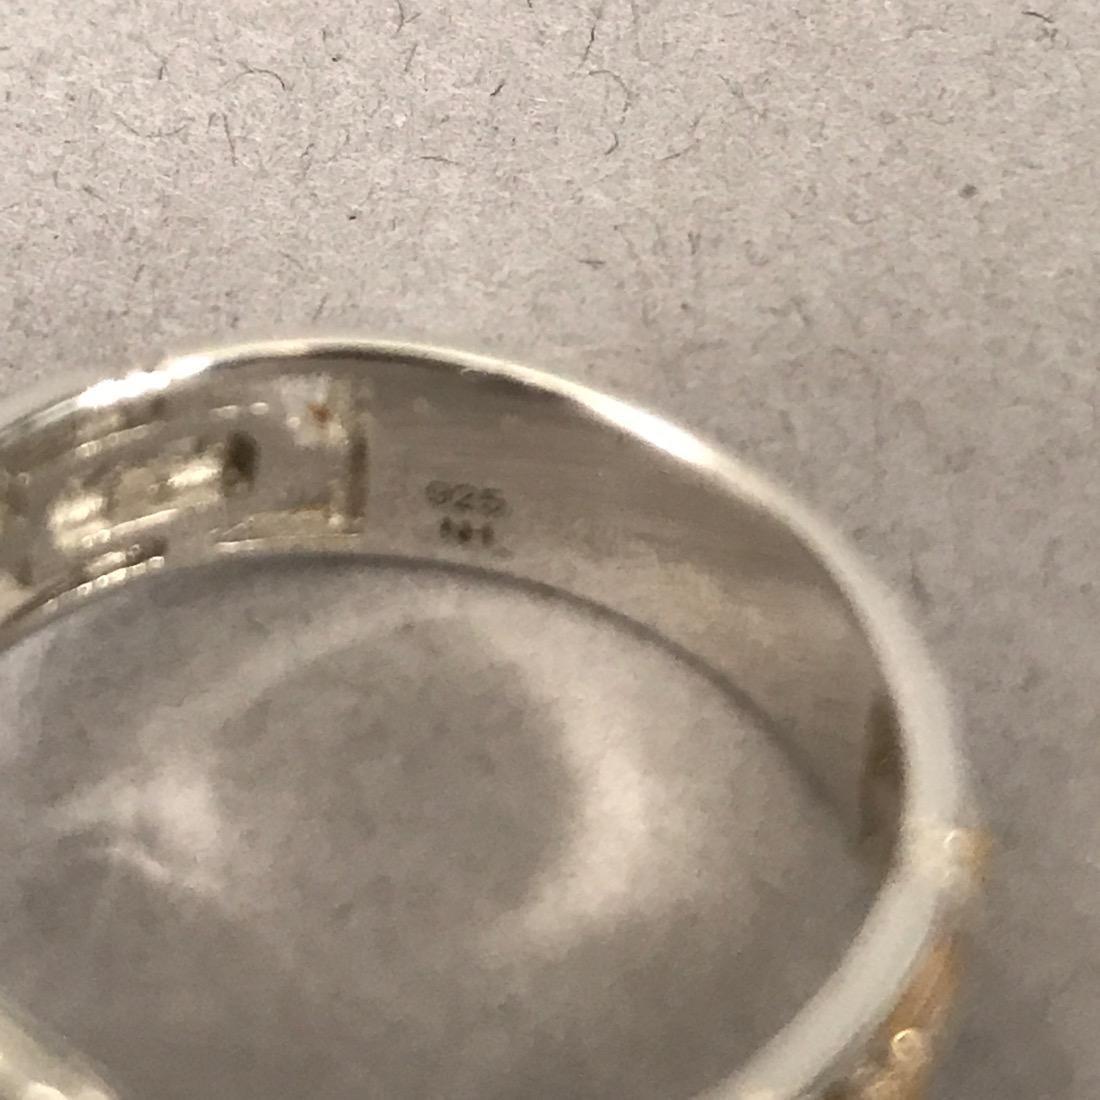 12 Sterlig Silver Rings - 6